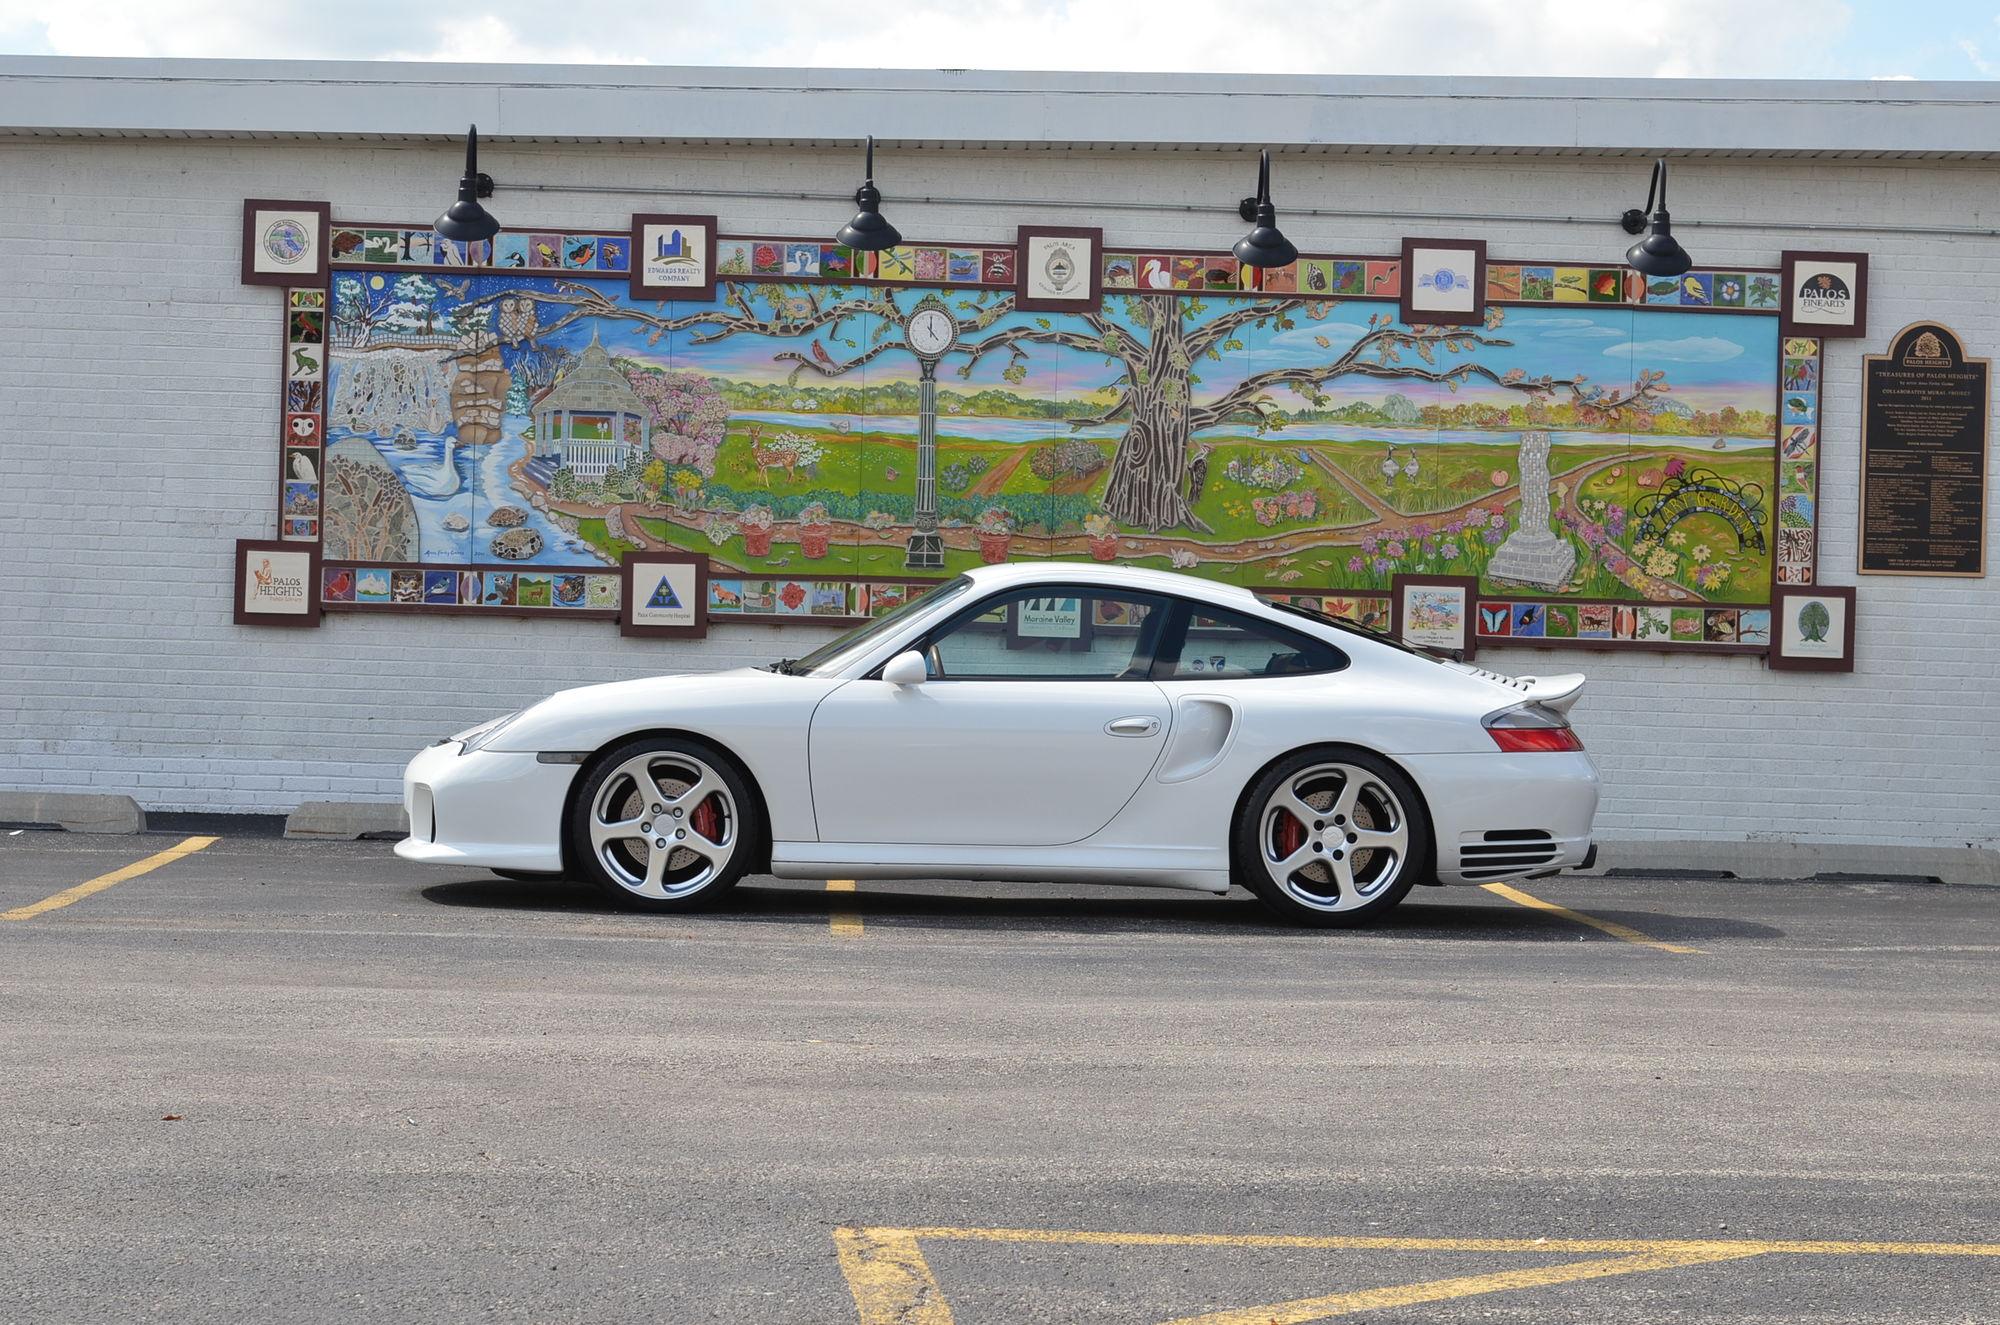 80-dsc_1955_9a0e85a4e0d2b8cdbd7f087aeb5ceb9972307342 Terrific 2002 Porsche 911 Carrera Turbo Gt2 X50 Cars Trend